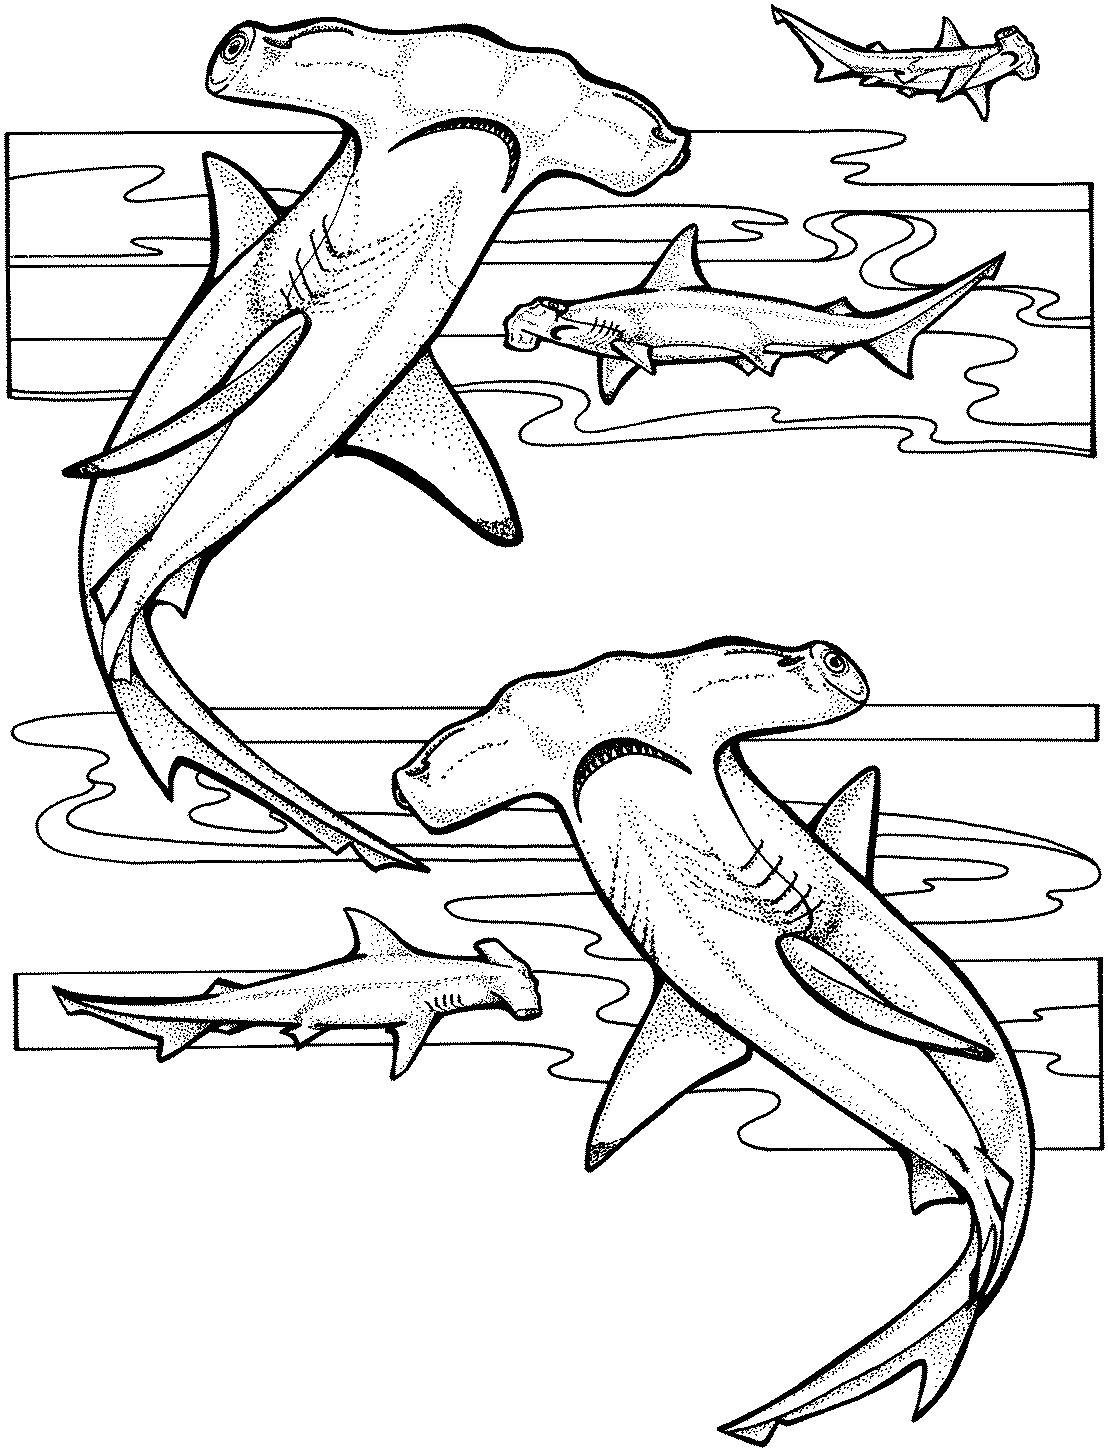 Requin #36 (Animaux) – Coloriages À Imprimer avec Coloriage Requin Blanc Imprimer